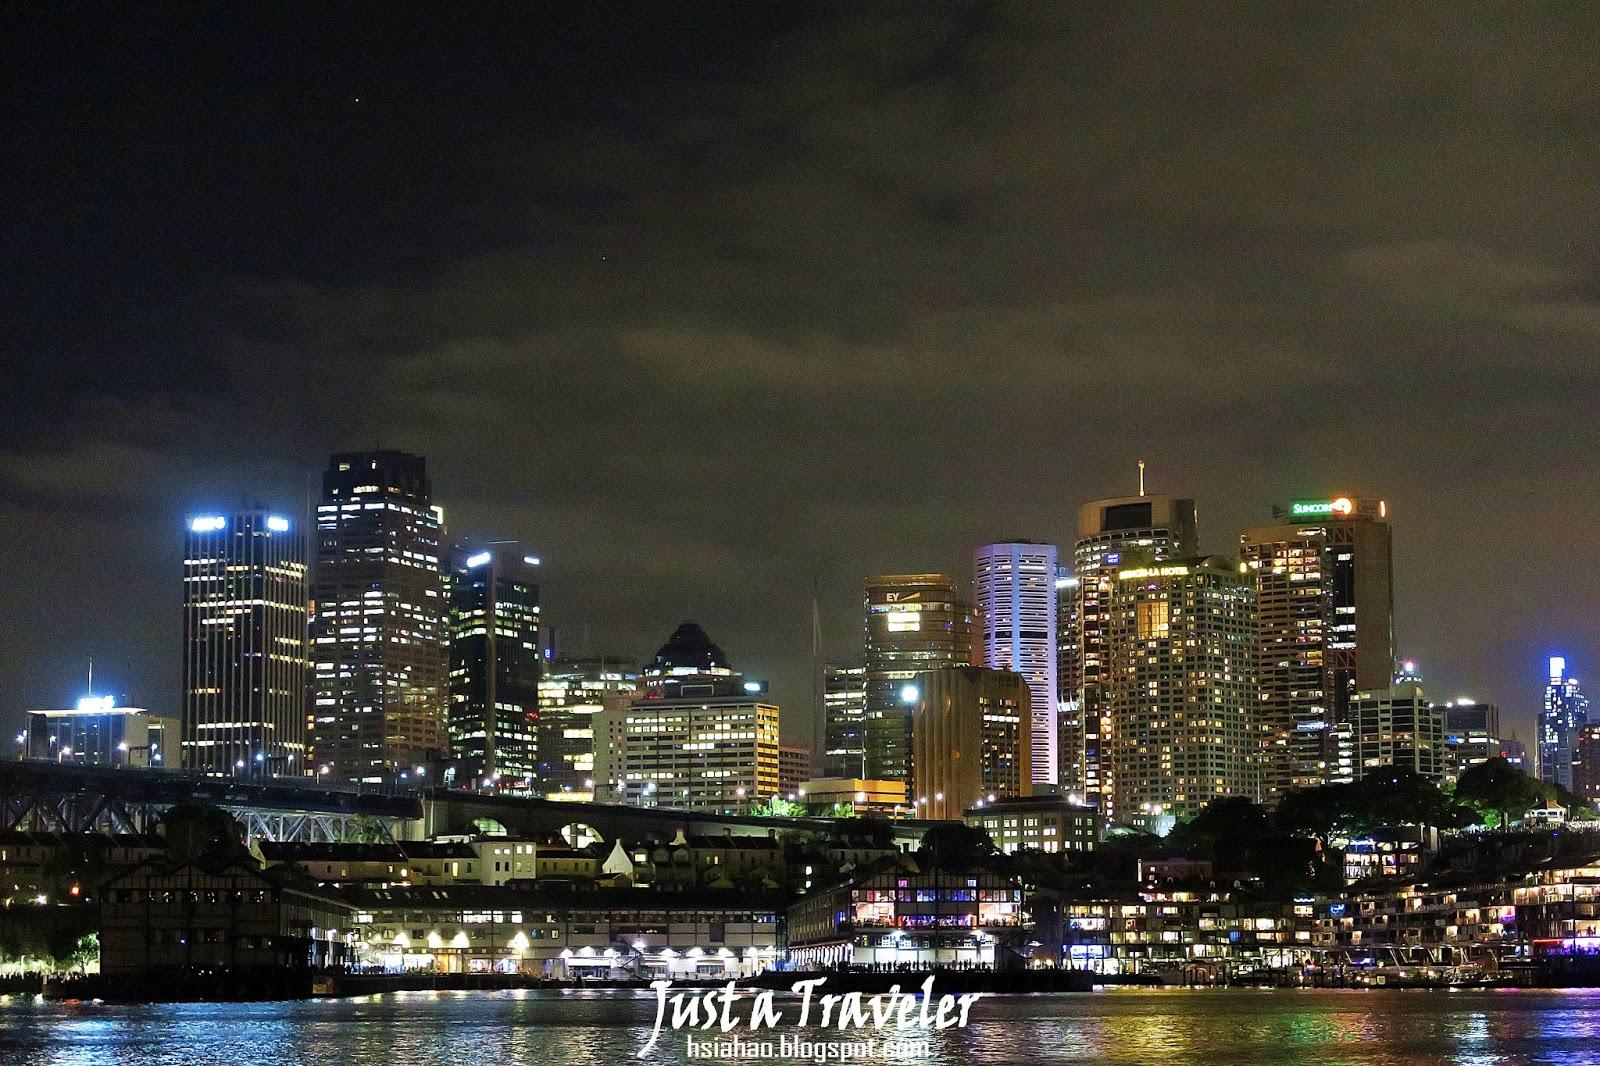 雪梨-夜景-跨年-煙火-賞點-推薦-旅遊-自由行-澳洲-Sydney-Tourist-Attraction-Travel-Australia